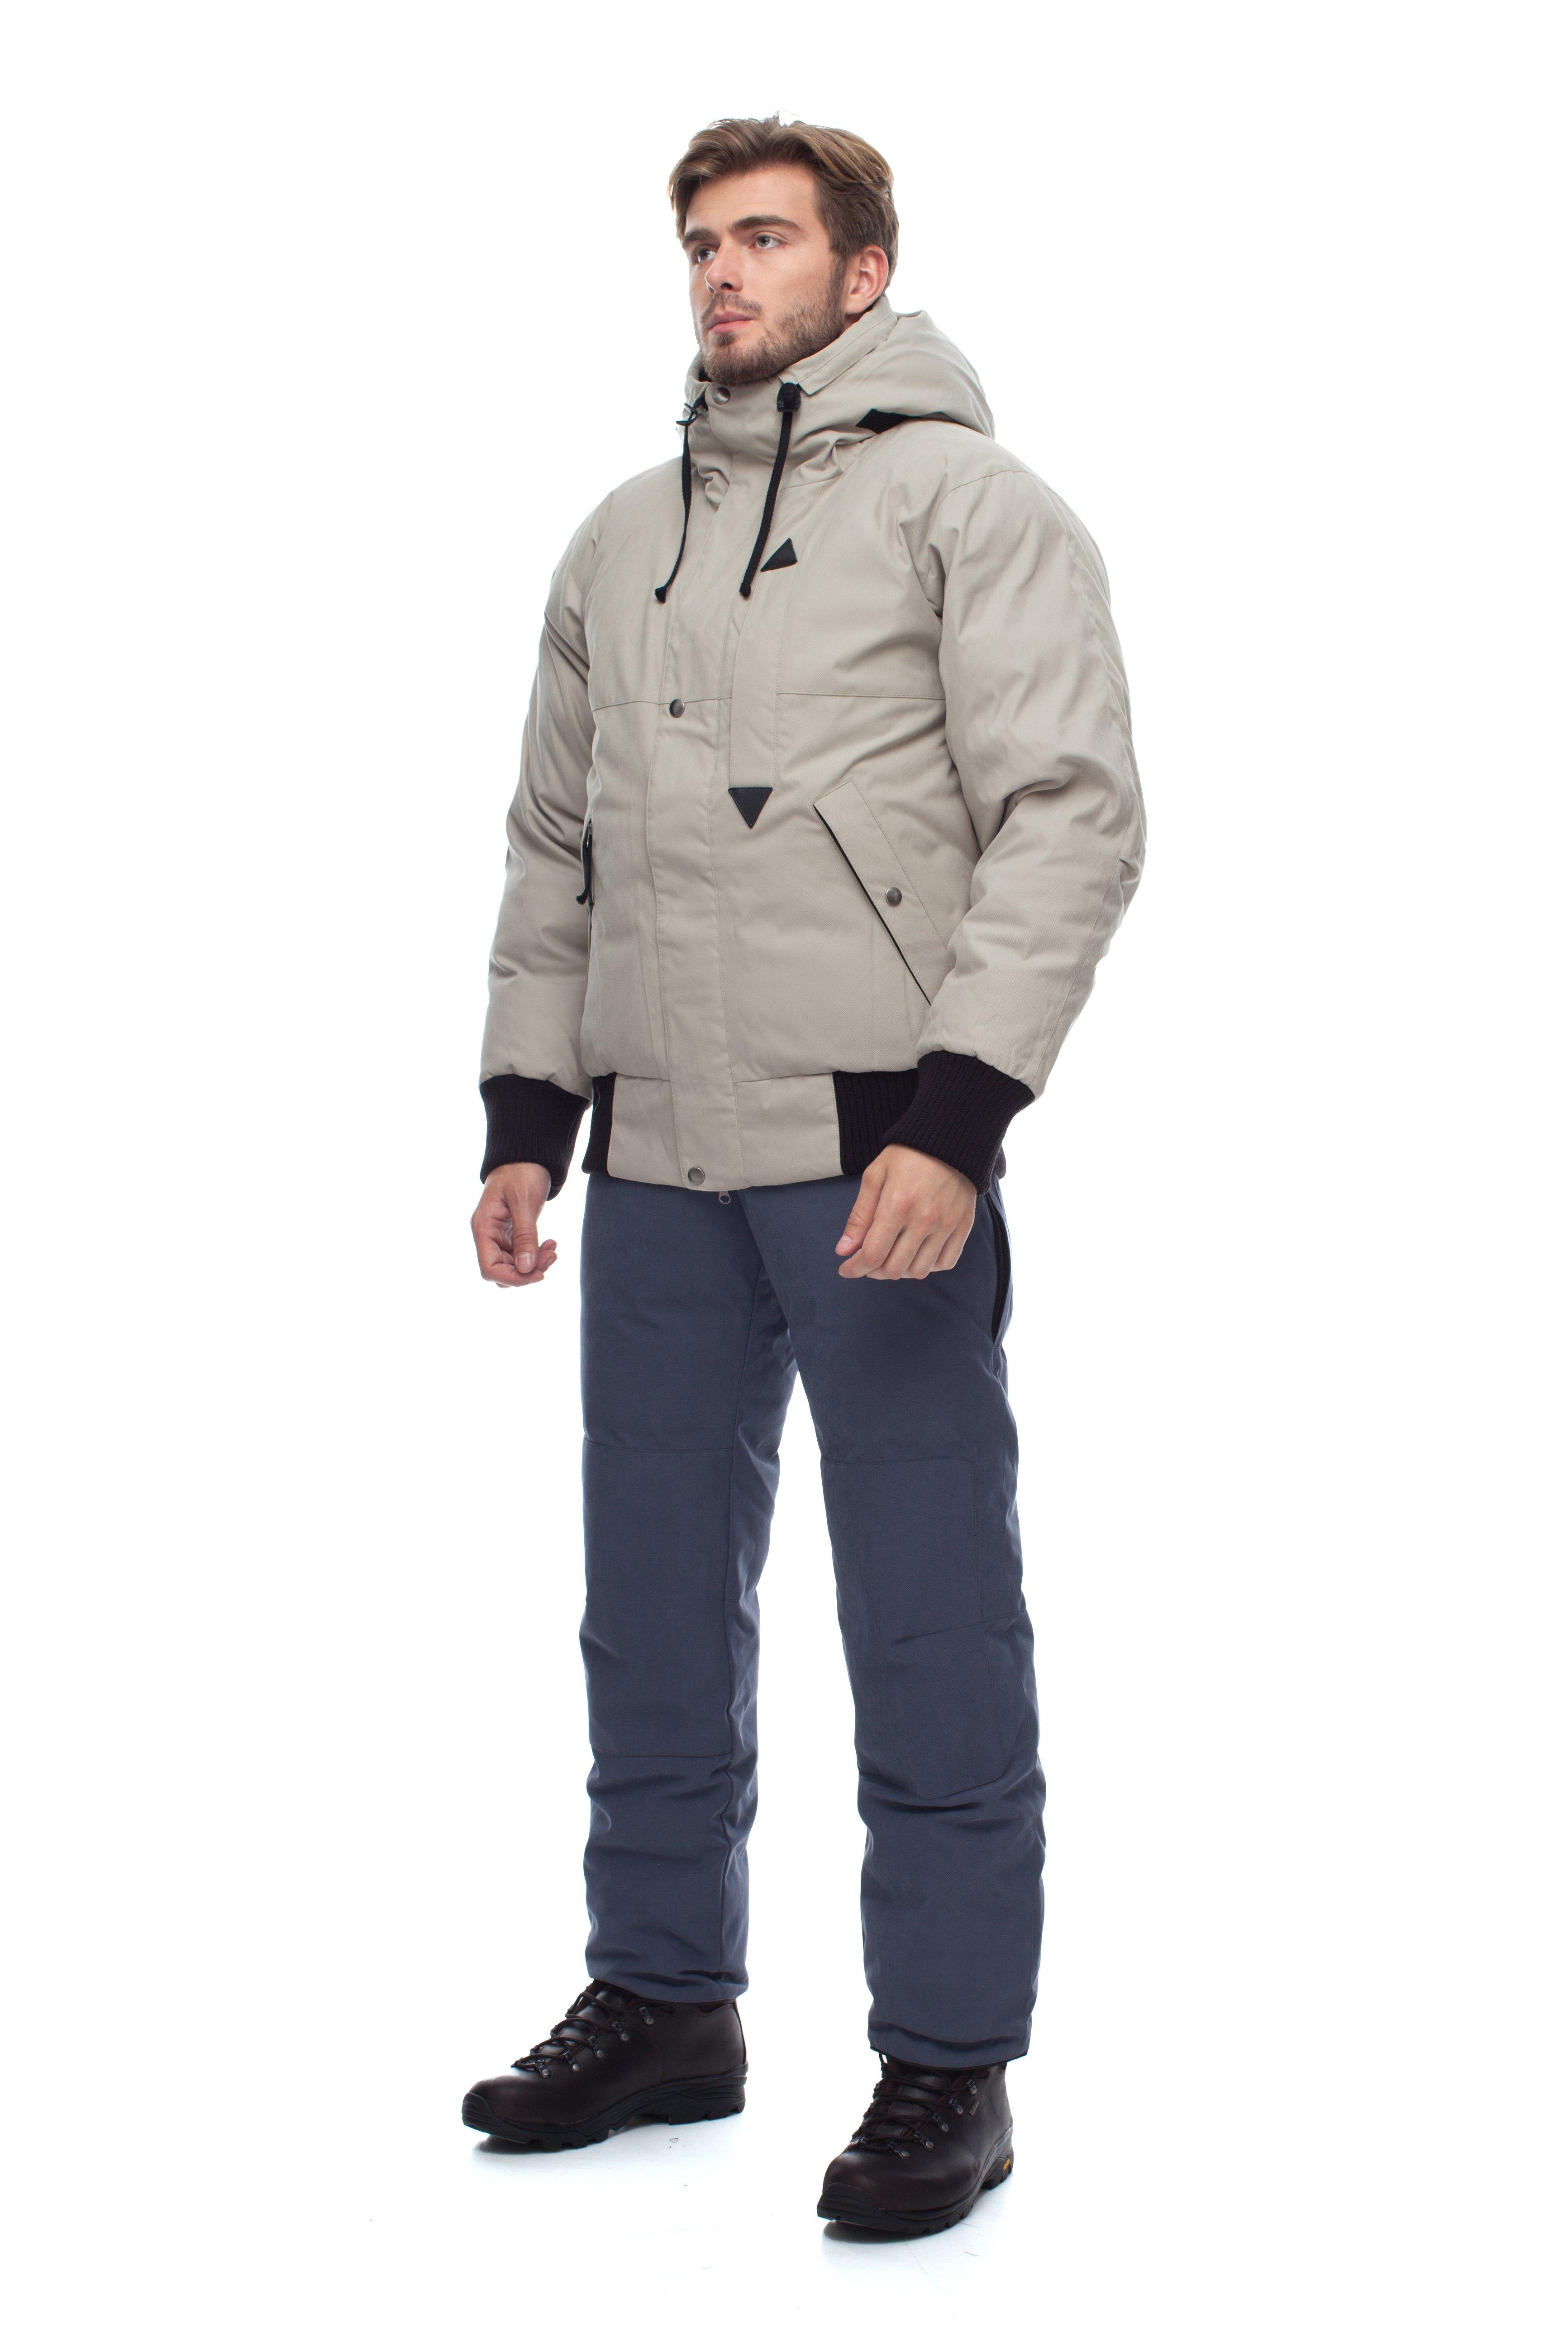 Пуховая куртка BASK TOBOL 3785Куртки<br><br><br>&quot;Дышащие&quot; свойства: Да<br>Верхняя ткань: Advance® Alaska<br>Вес граммы: 1600<br>Вес утеплителя: 400<br>Ветро-влагозащитные свойства верхней ткани: Да<br>Ветрозащитная планка: Да<br>Ветрозащитная юбка: Нет<br>Влагозащитные молнии: Нет<br>Внутренние манжеты: Нет<br>Внутренняя ткань: Advance® Classic<br>Водонепроницаемость: 10000<br>Дублирующий центральную молнию клапан: Нет<br>Защитный козырёк капюшона: Нет<br>Капюшон: Несъемный<br>Карман для средств связи: Нет<br>Количество внешних карманов: 3<br>Количество внутренних карманов: 3<br>Коллекция: Pole to Pole<br>Мембрана: Да<br>Объемный крой локтевой зоны: Да<br>Отстёгивающиеся рукава: Нет<br>Паропроницаемость: 5000<br>Показатель Fill Power (для пуховых изделий): 650<br>Пол: Мужской<br>Проклейка швов: Нет<br>Регулировка манжетов рукавов: Нет<br>Регулировка низа: Нет<br>Регулировка объёма капюшона: Да<br>Регулировка талии: Нет<br>Регулируемые вентиляционные отверстия: Нет<br>Световозвращающая лента: Нет<br>Температурный режим: -25<br>Технология Thermal Welding: Нет<br>Тип молнии: Двухзамковая<br>Тип утеплителя: Натуральный<br>Усиление контактных зон: Нет<br>Утеплитель: Гусиный пух<br>Размер RU: 44<br>Цвет: СИНИЙ